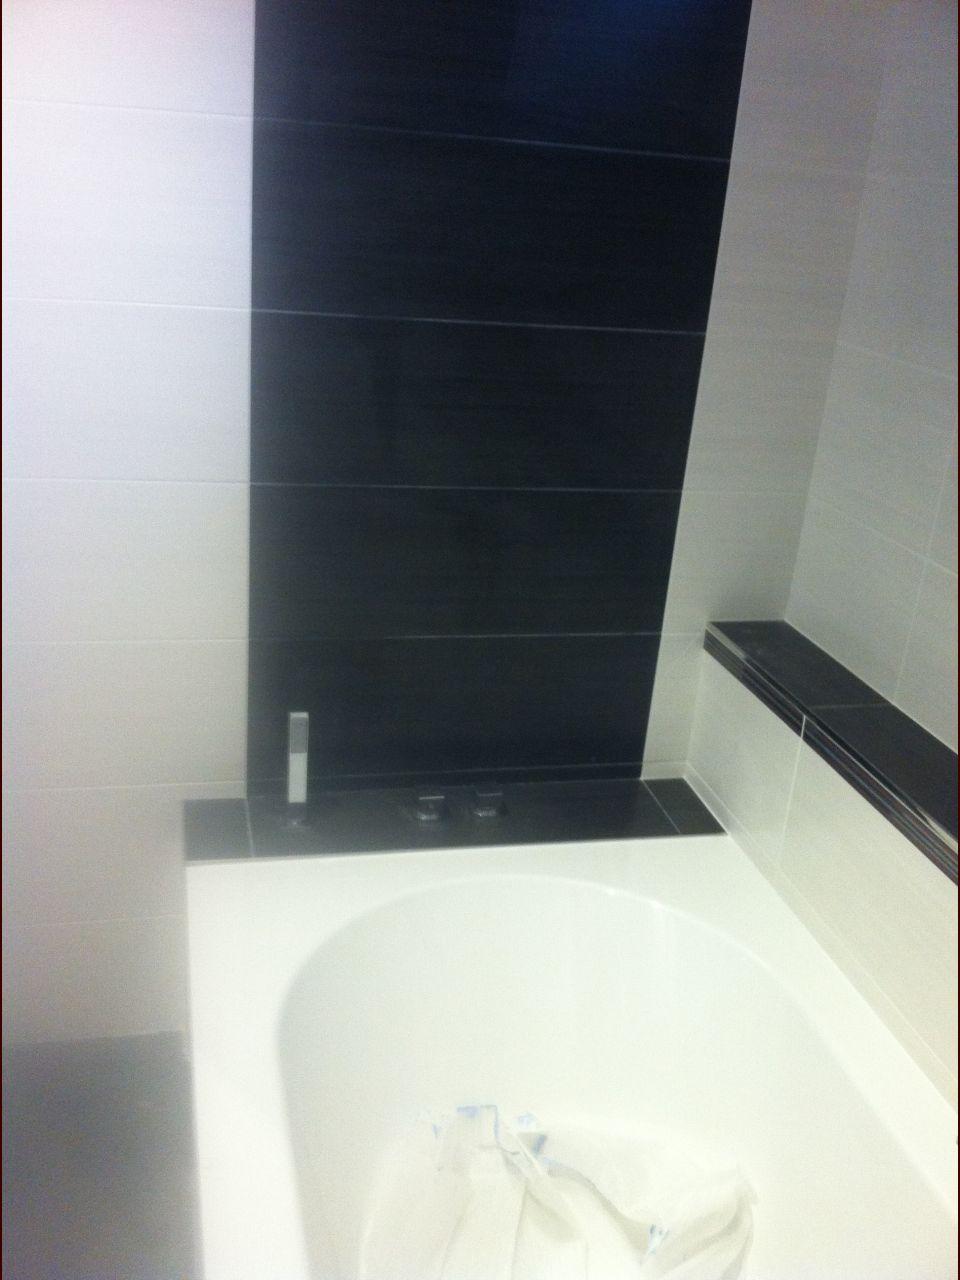 Les salles de bains le plessis trevise val de marne for Quel prix pour refaire une salle de bain